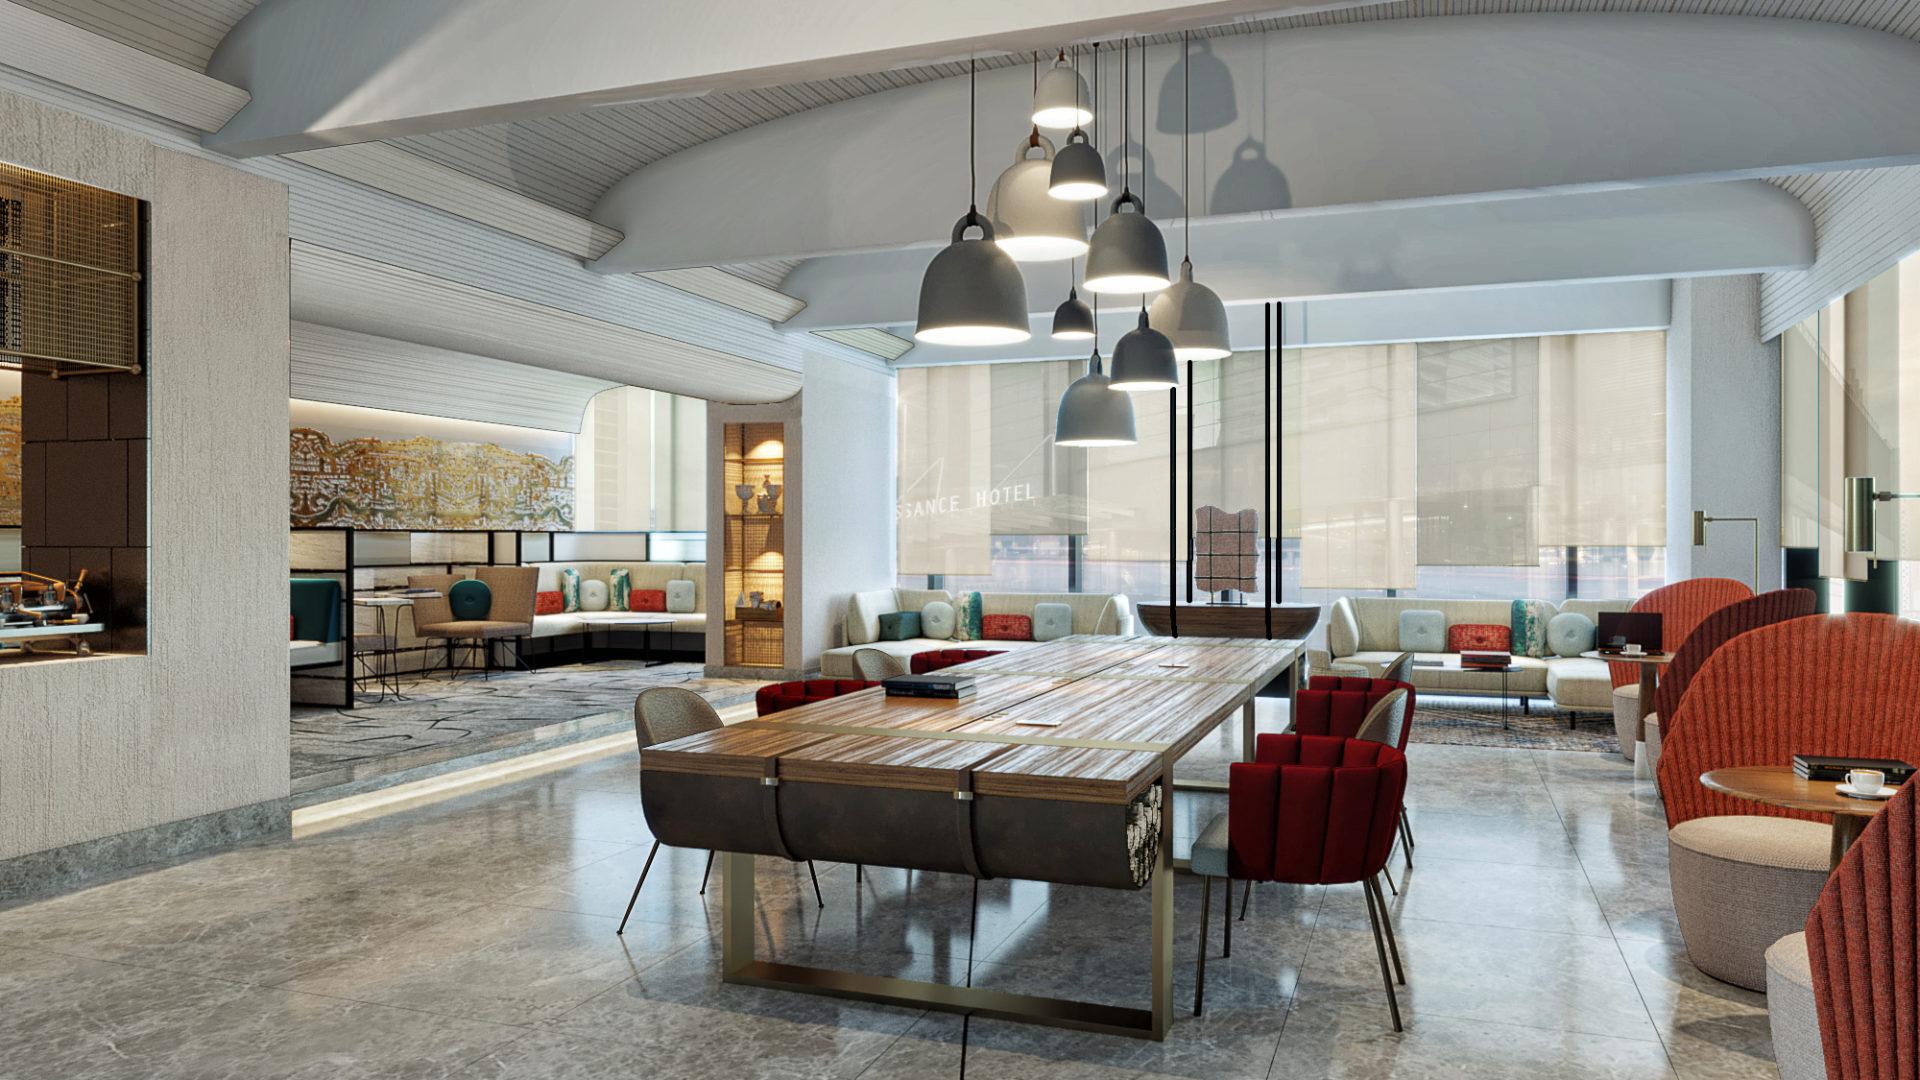 Lobby Lounge 19021i0a